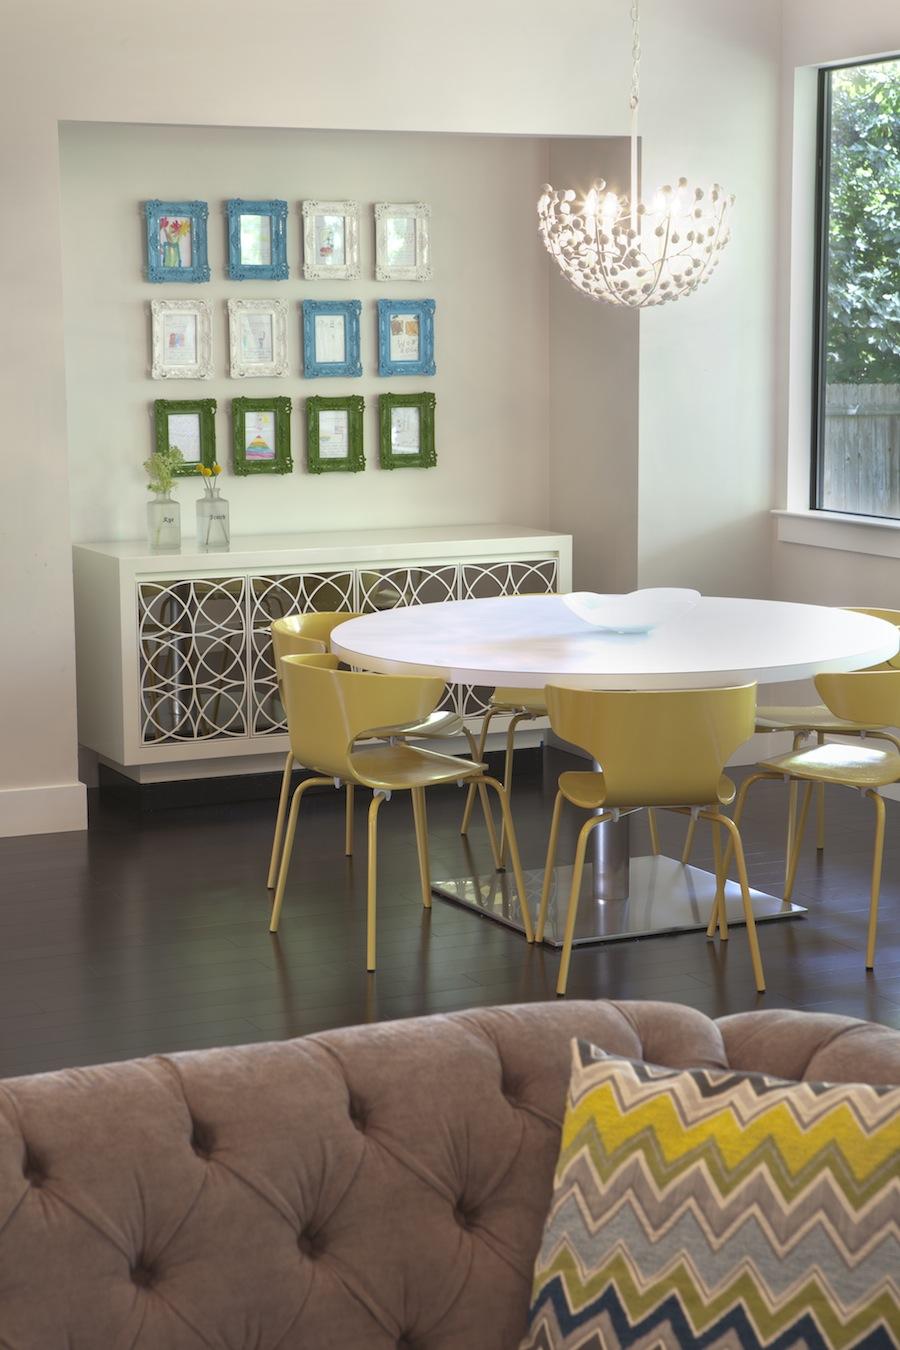 A breakfast area designed by Jill May.